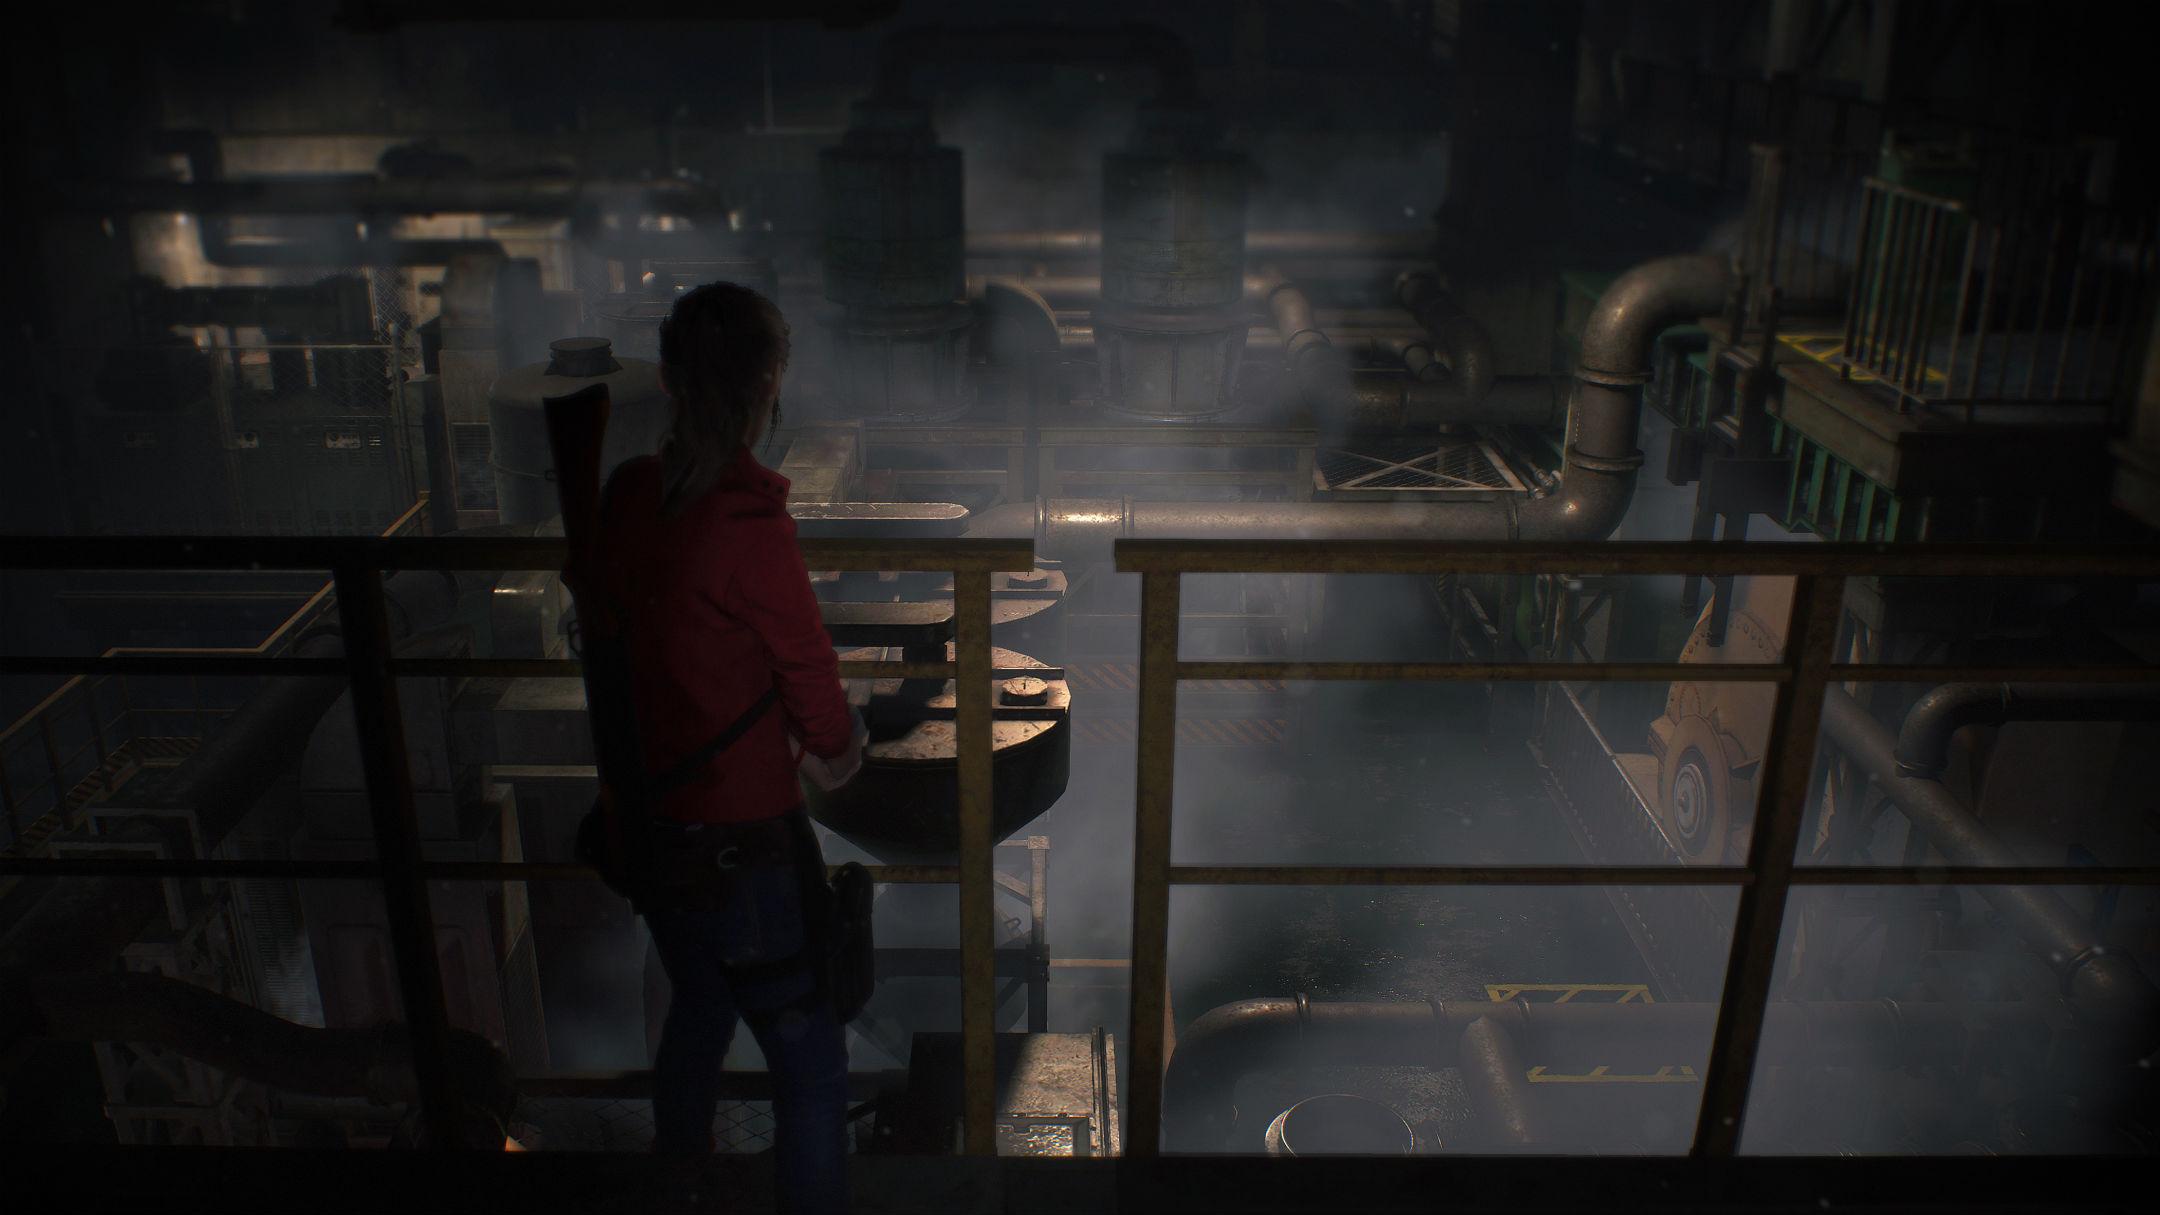 Claire Redfield devant de nombreux tuyaux Resident Evil 2 Remake